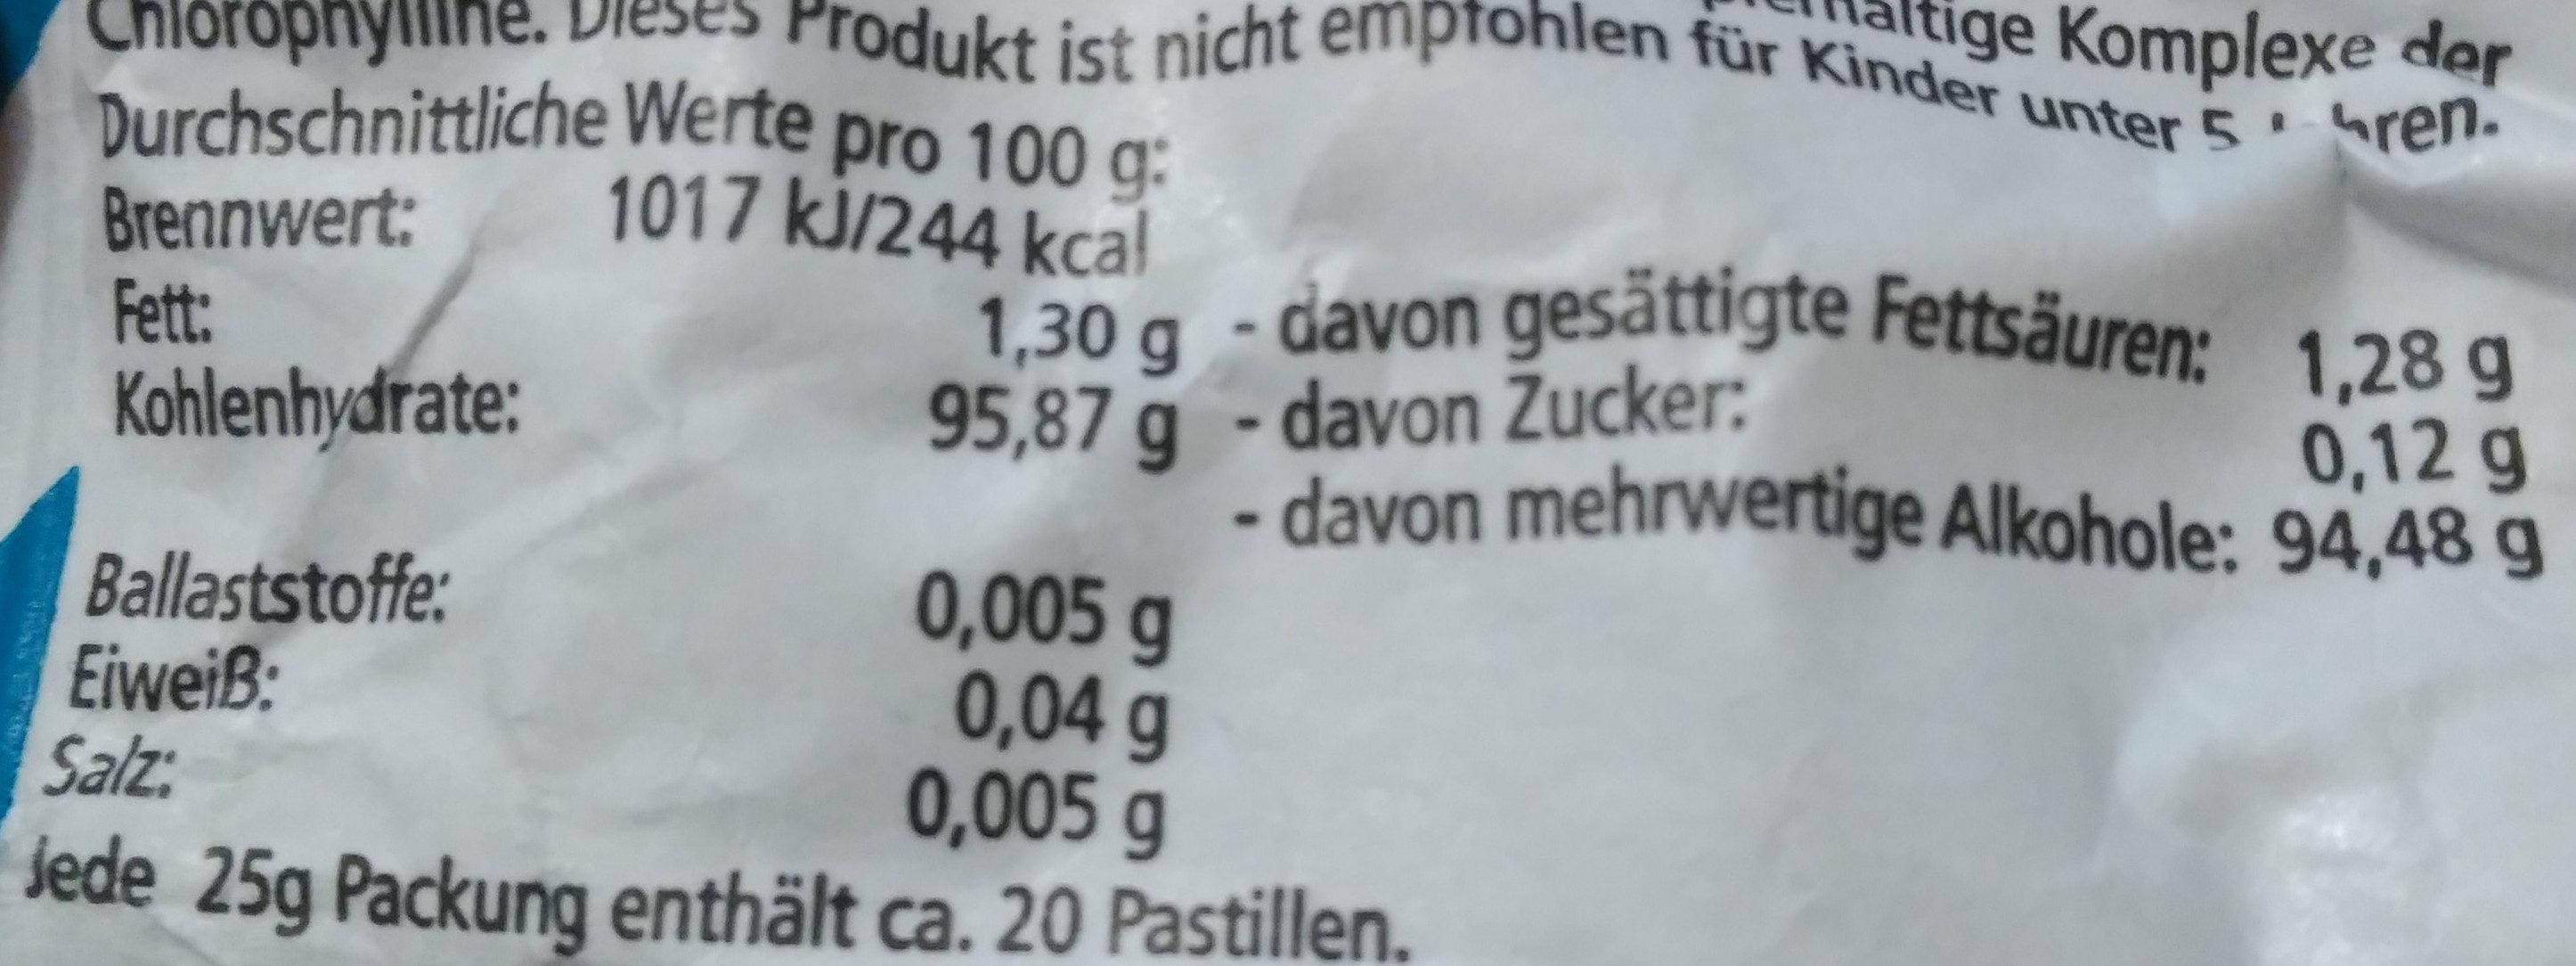 Extra frische Menthol-Pastillen, Spearmint - Nutrition facts - de